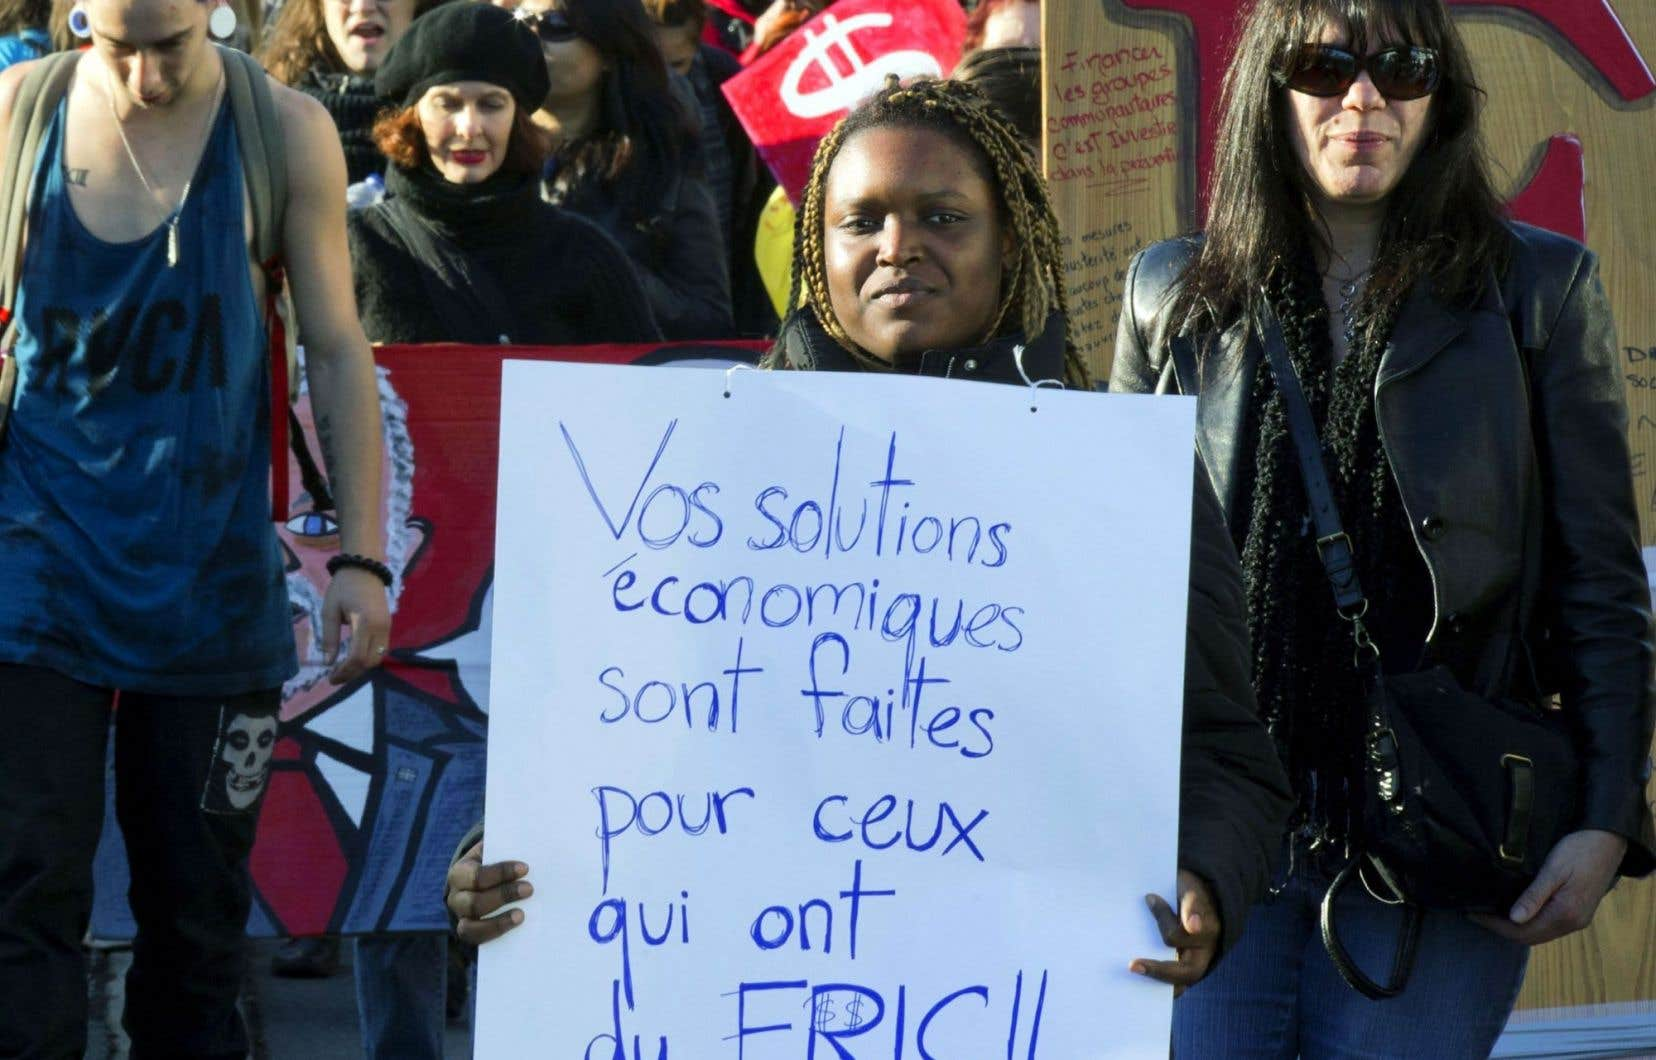 Acceptée par une bonne partie de la population, la politique d'austérité du gouvernement Couillard est aussi vertement décriée.